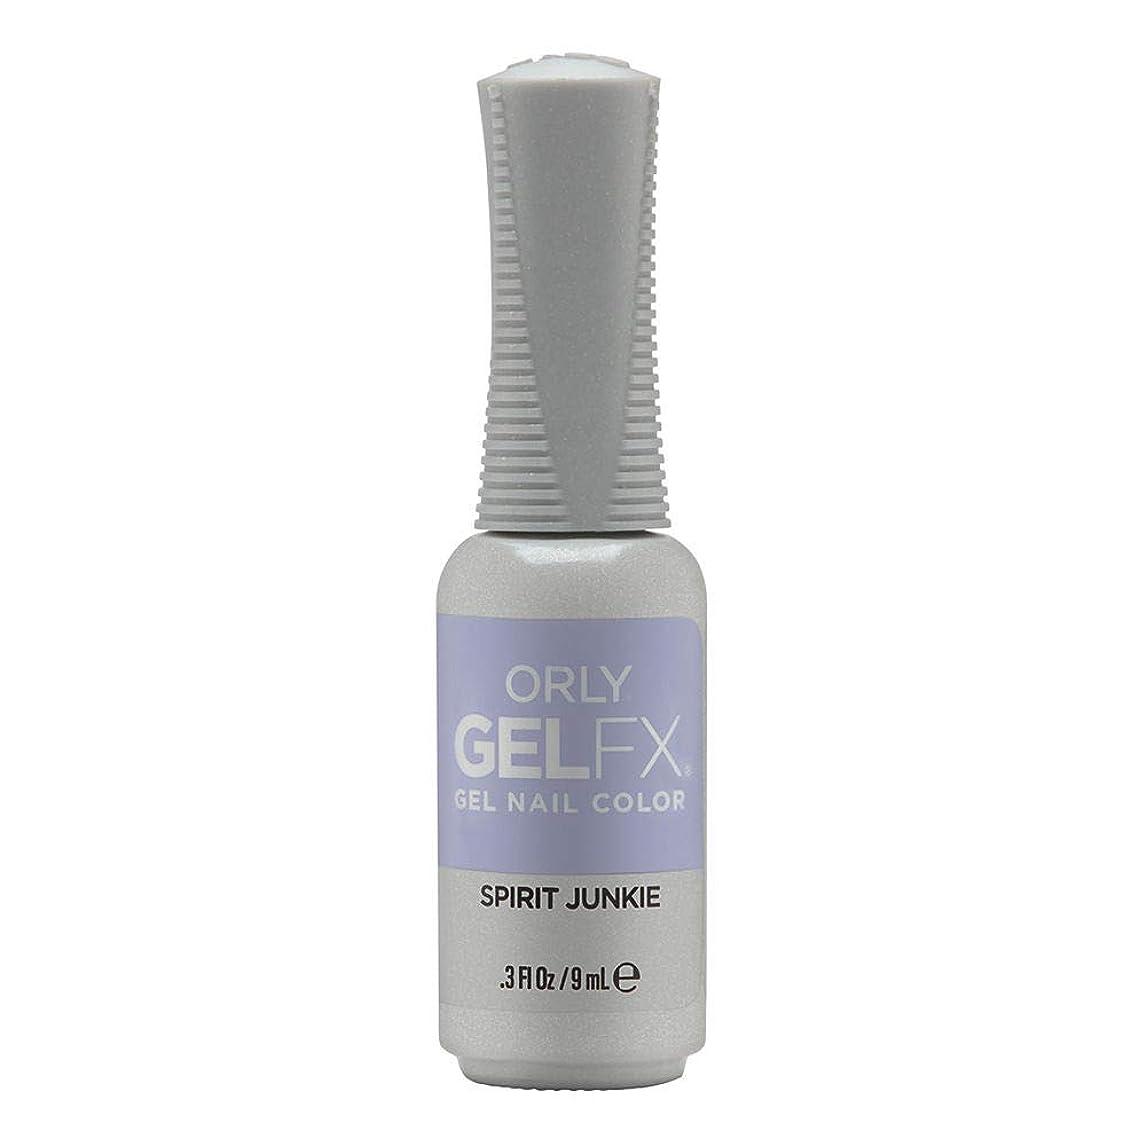 レジデンスメッセージパラナ川ORLY Gel FX - Radical Optimism 2019 Collection - Spirit Junkie - 0.3 oz / 9 mL